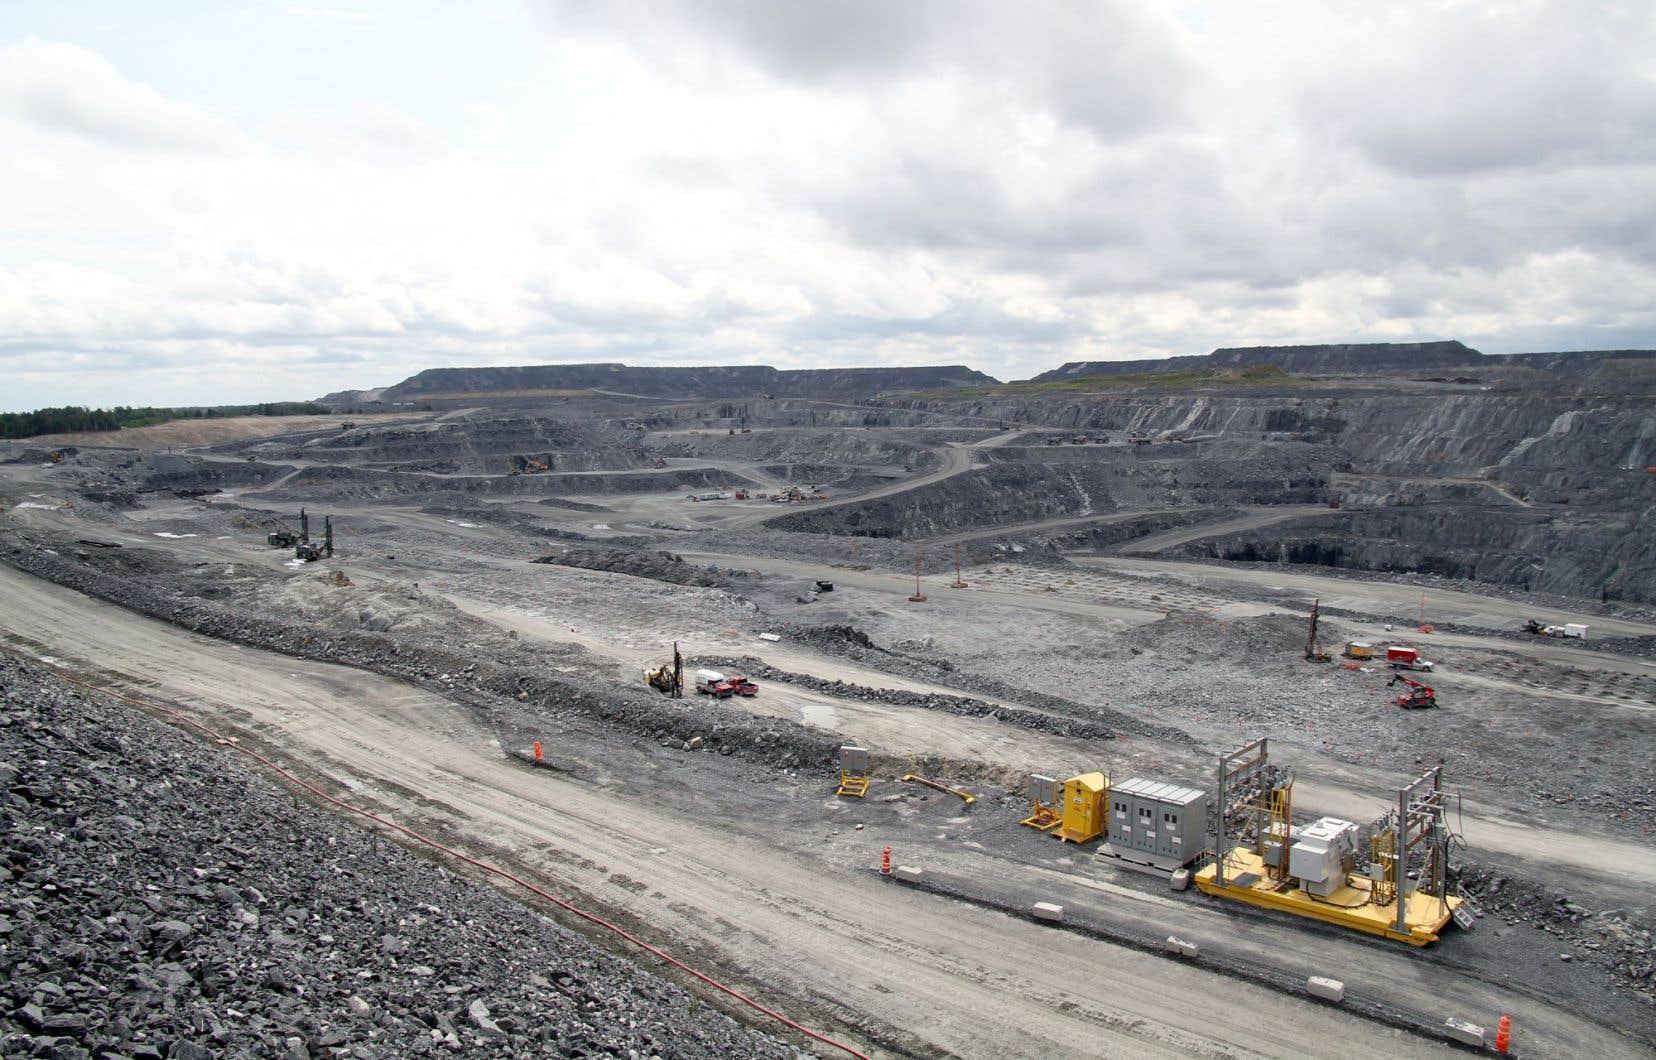 L'implantation de la mine Canadian Malartic a non seulement nécessité la destruction de tout un quartier de la ville, mais elle a aussi eu des impacts négatifs importants sur la population, selon une étude réalisée par la Santé publique.